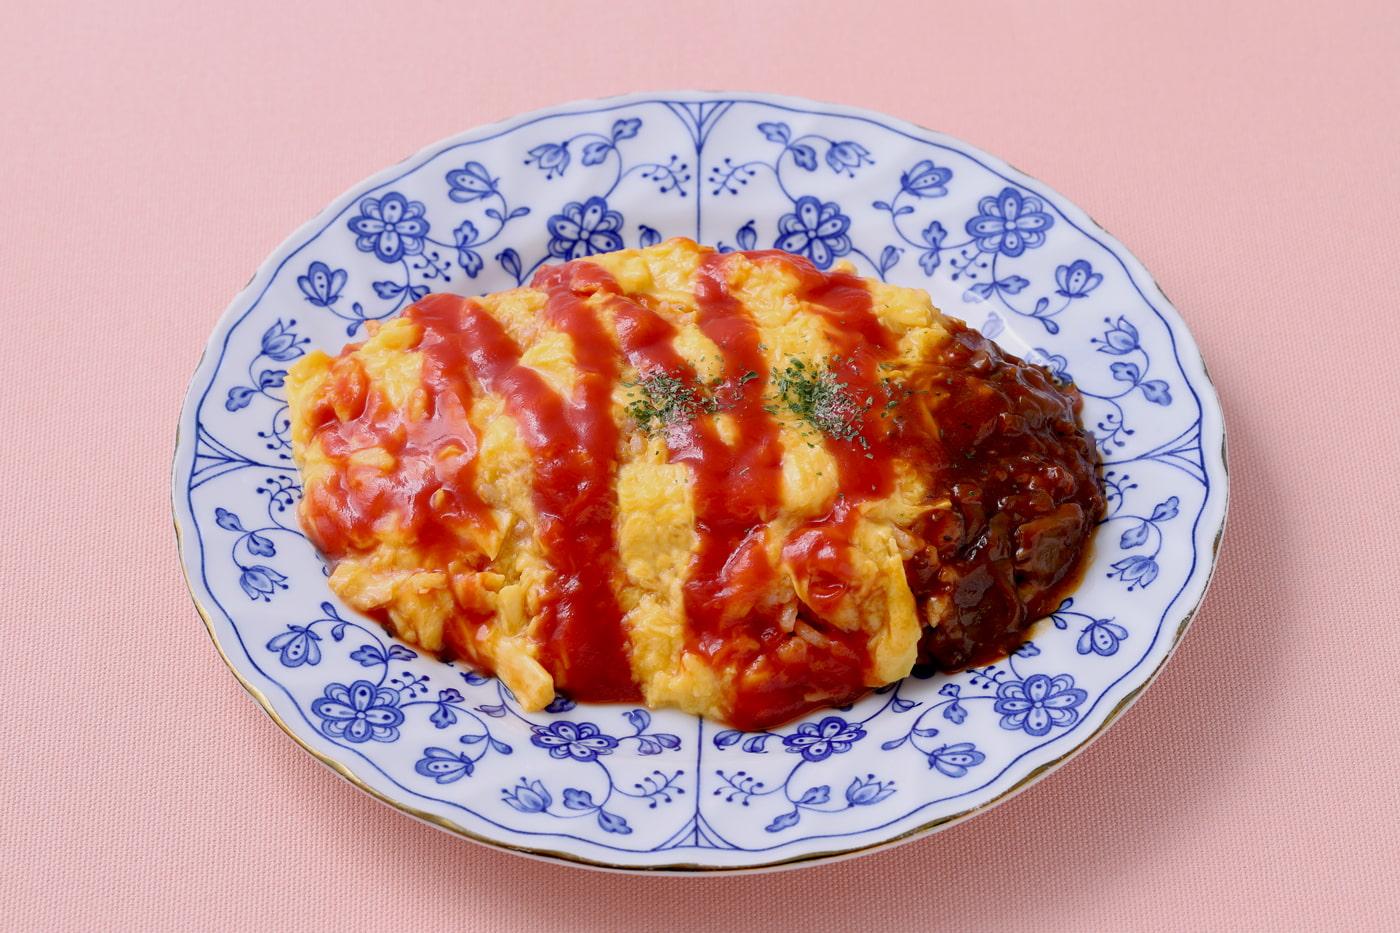 Omurice (Japanese omelet)